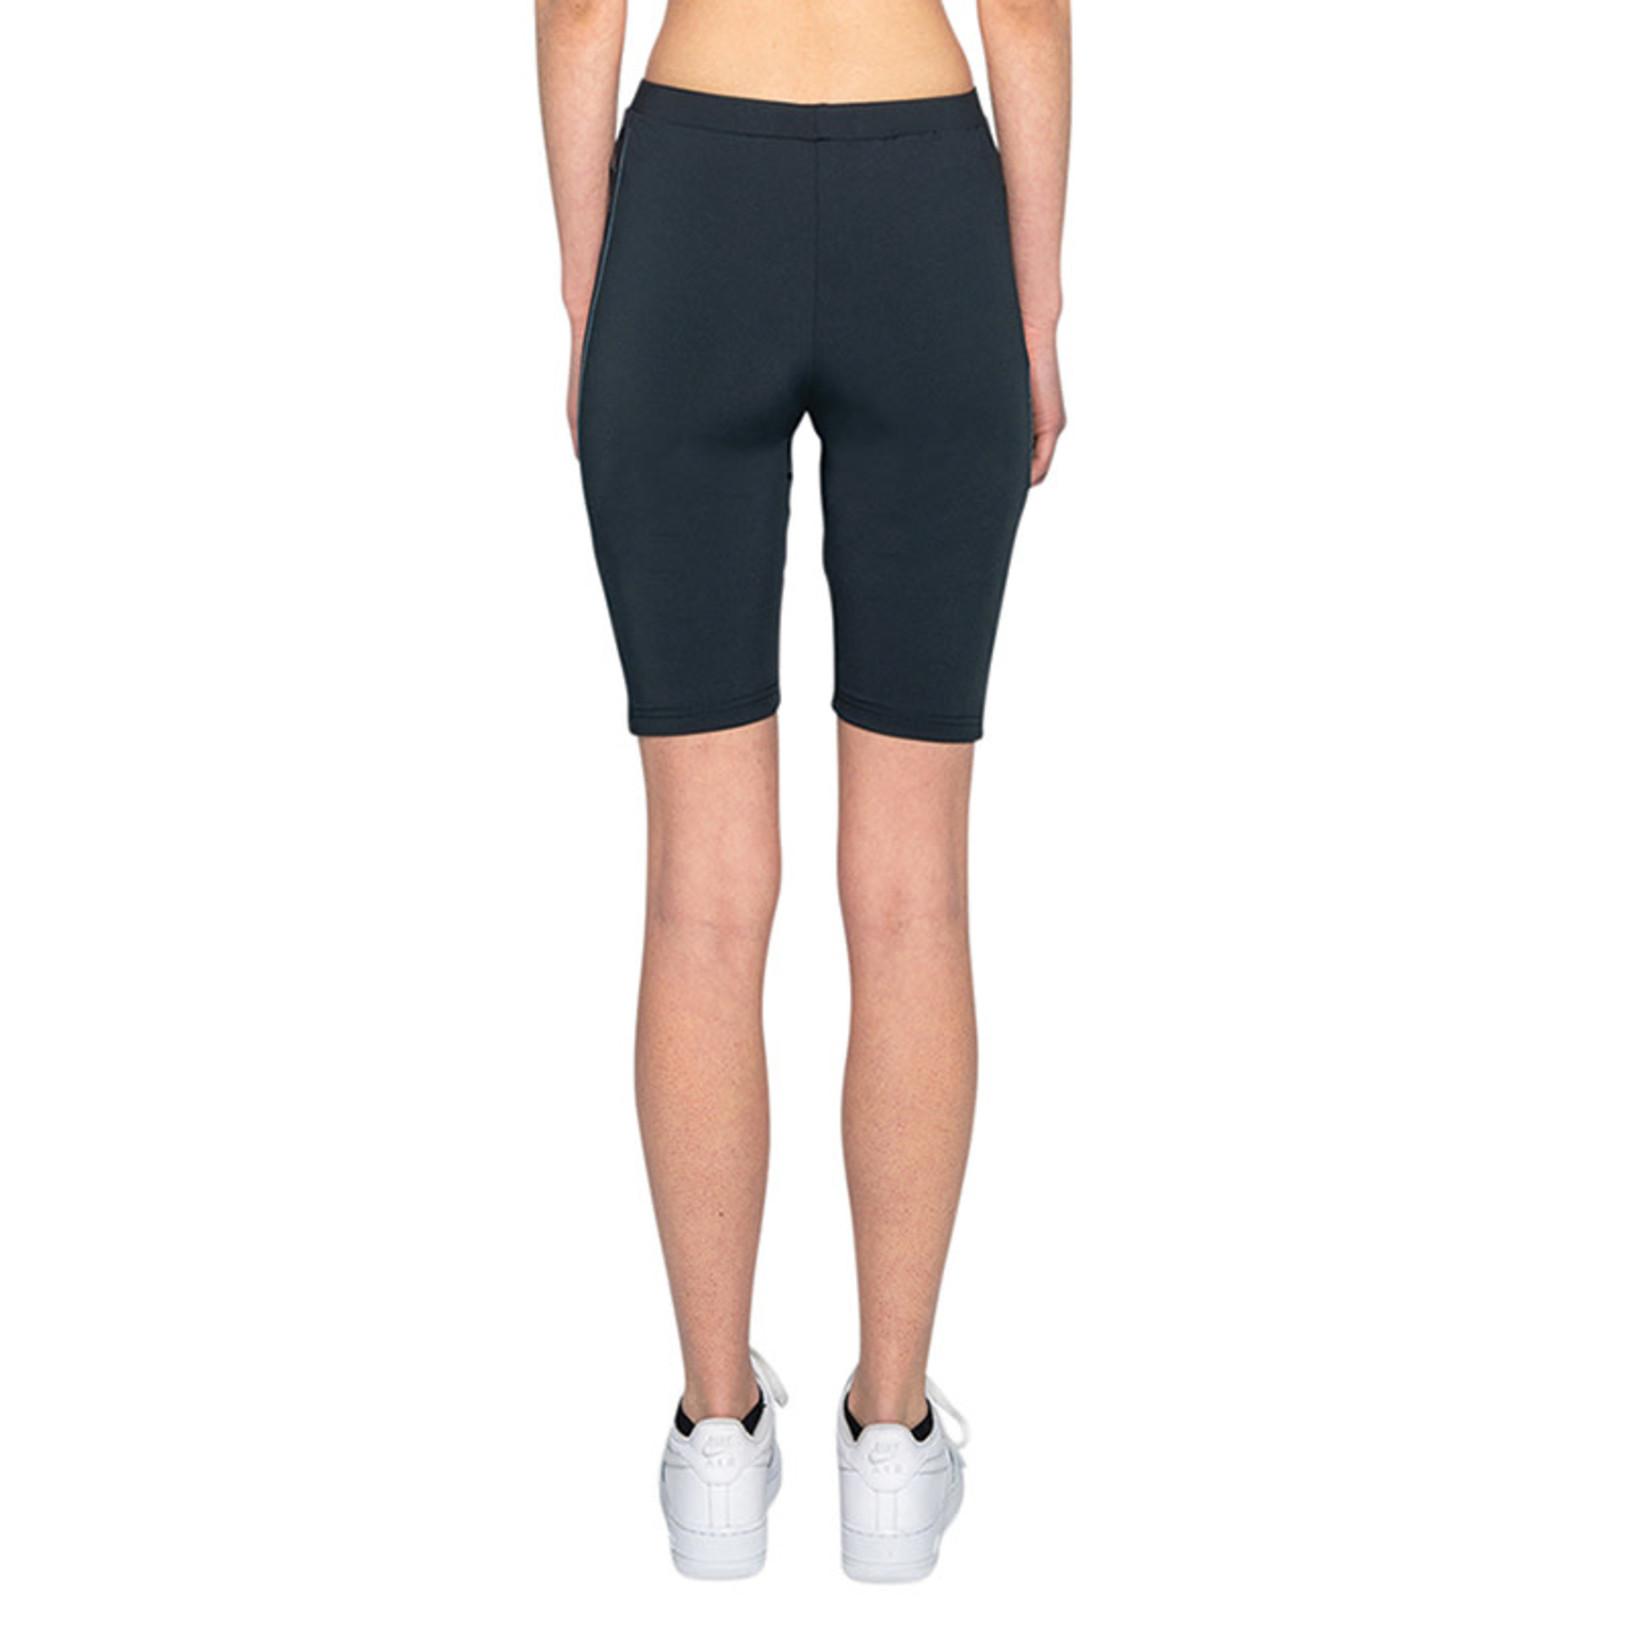 Kappa Kappa : Banda Cicles Womens Skin Fit Shorts